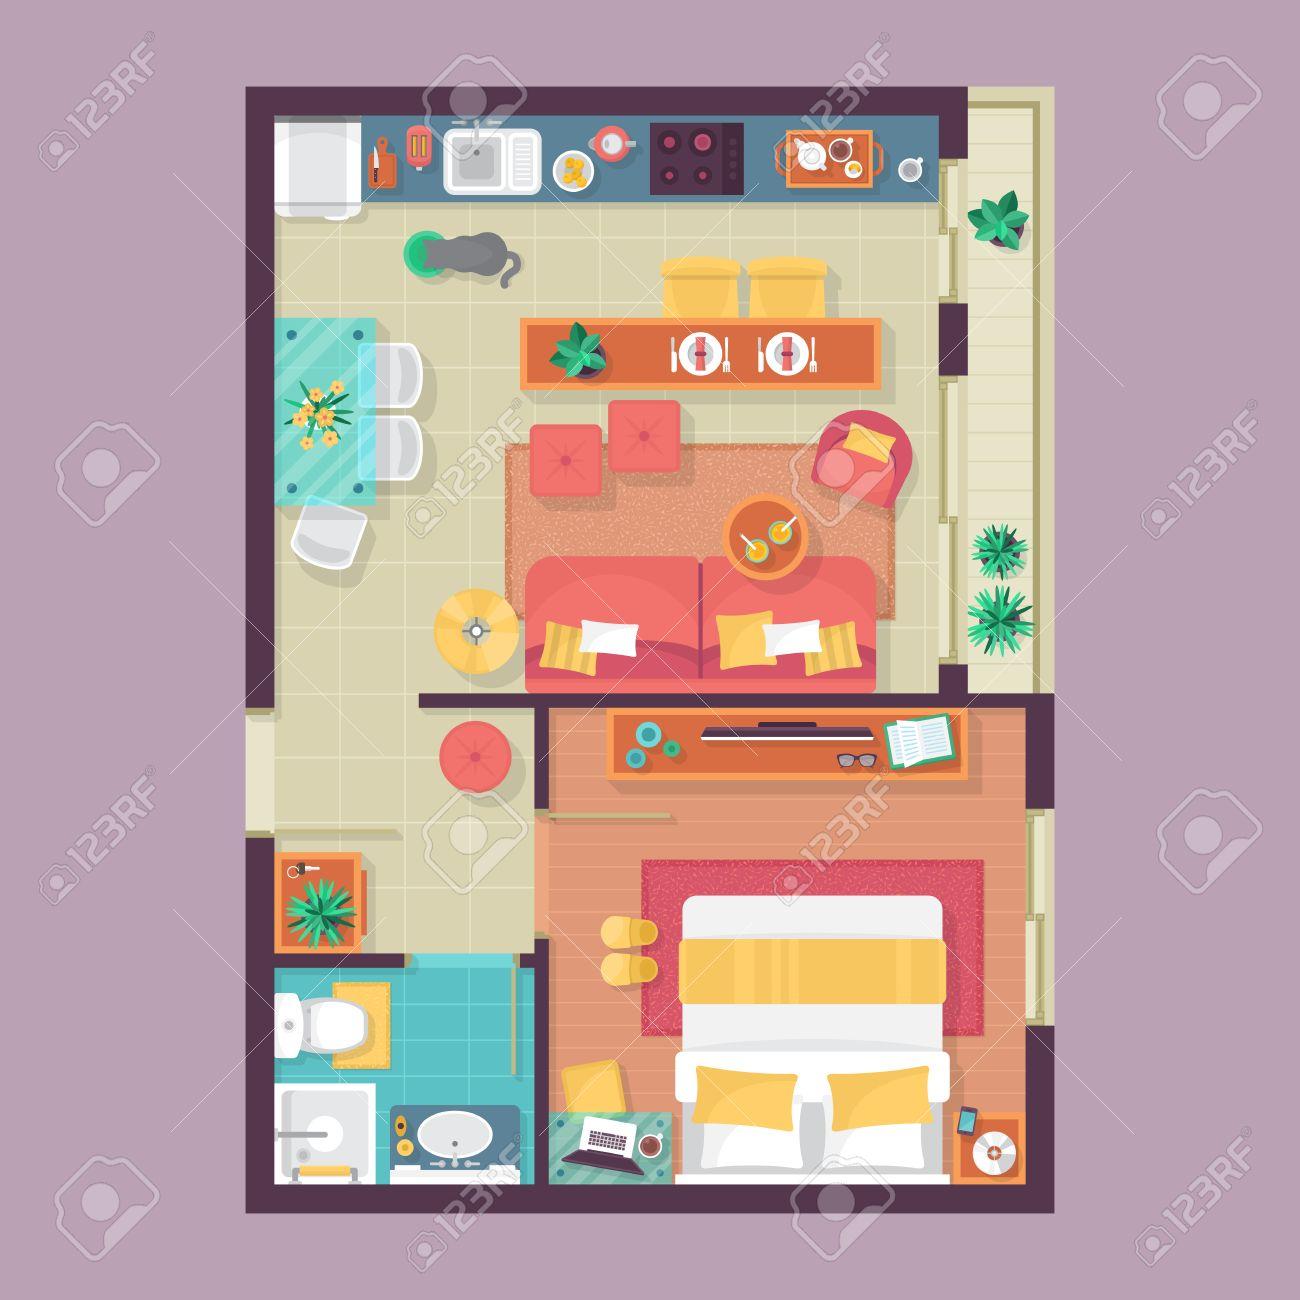 Apartamento Planta Vista Desde Arriba Juego De Muebles Para El